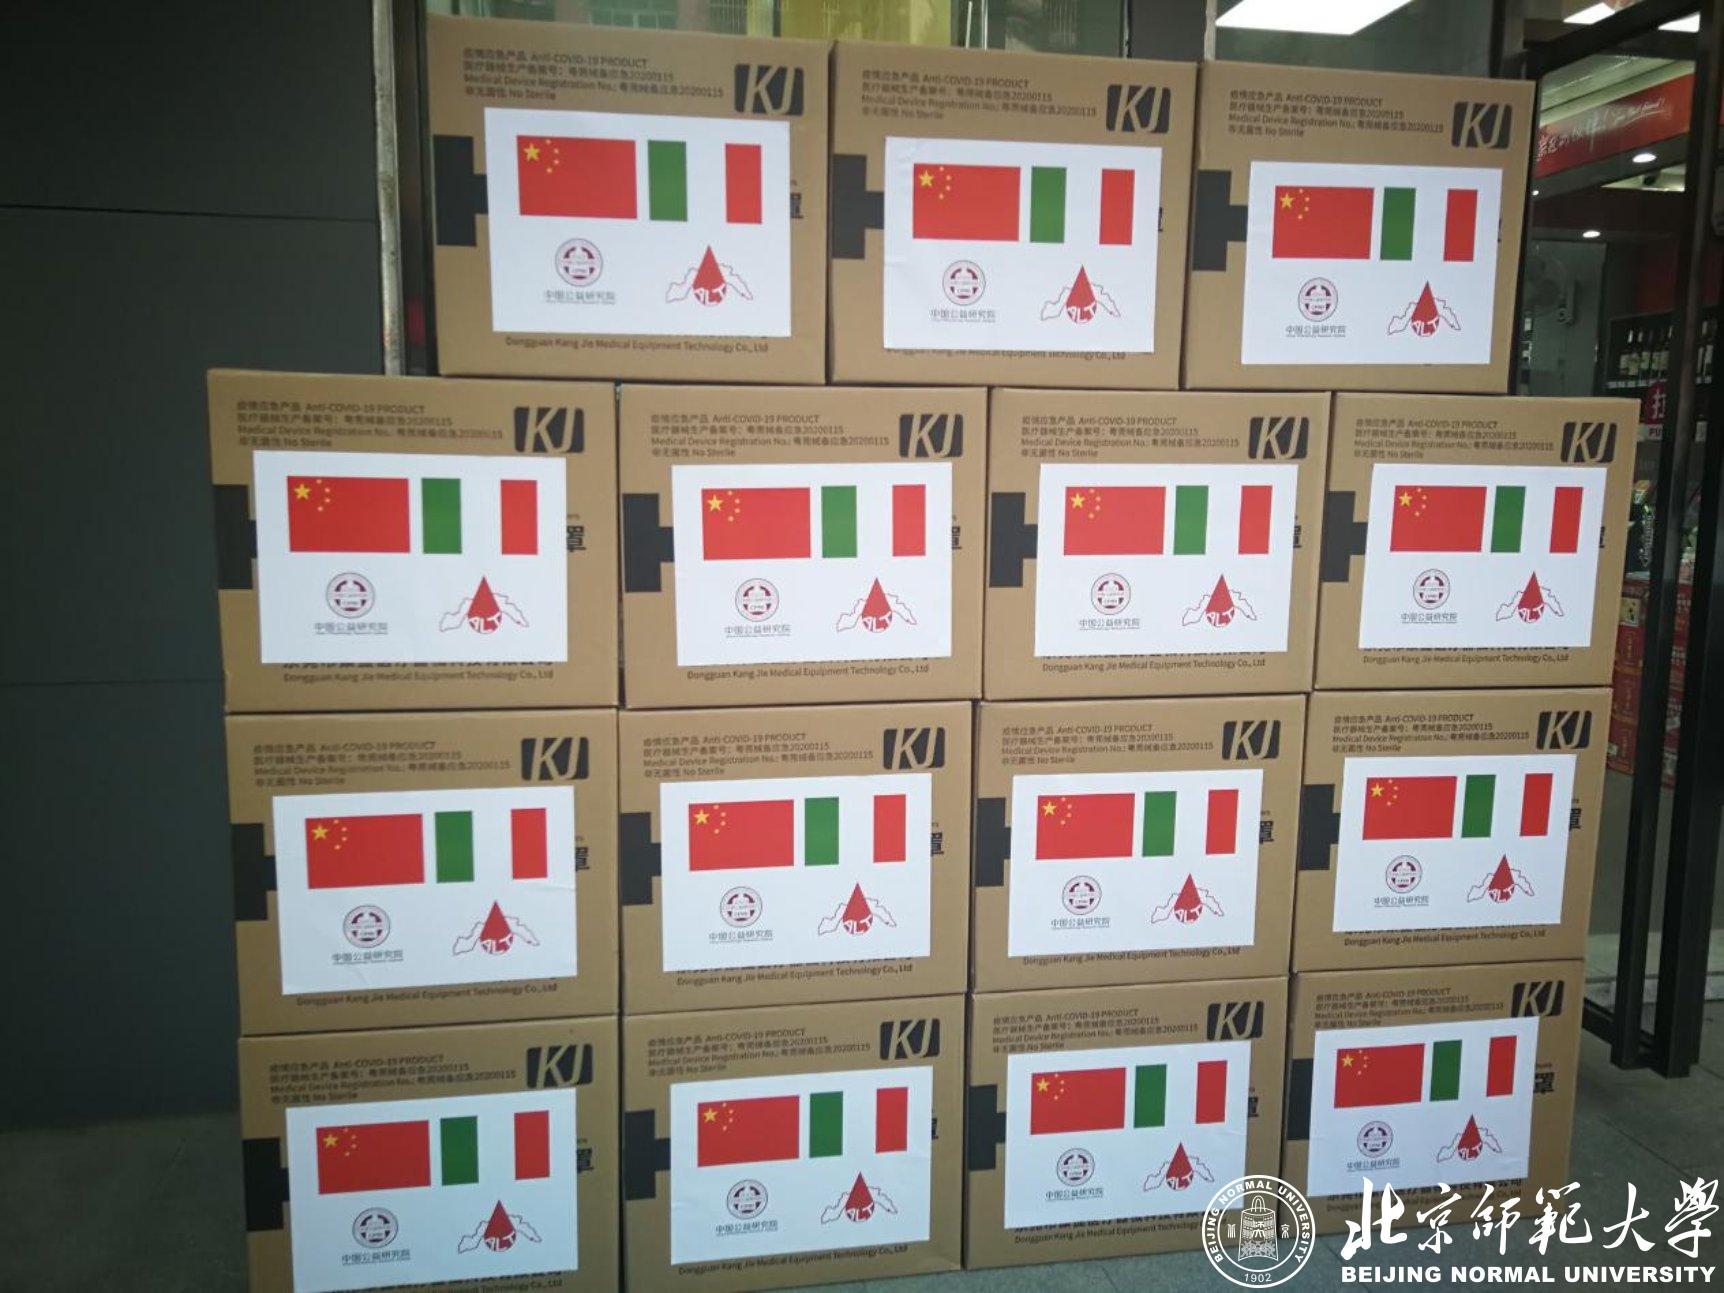 援意,北京师范大学中国公益研究院在行动